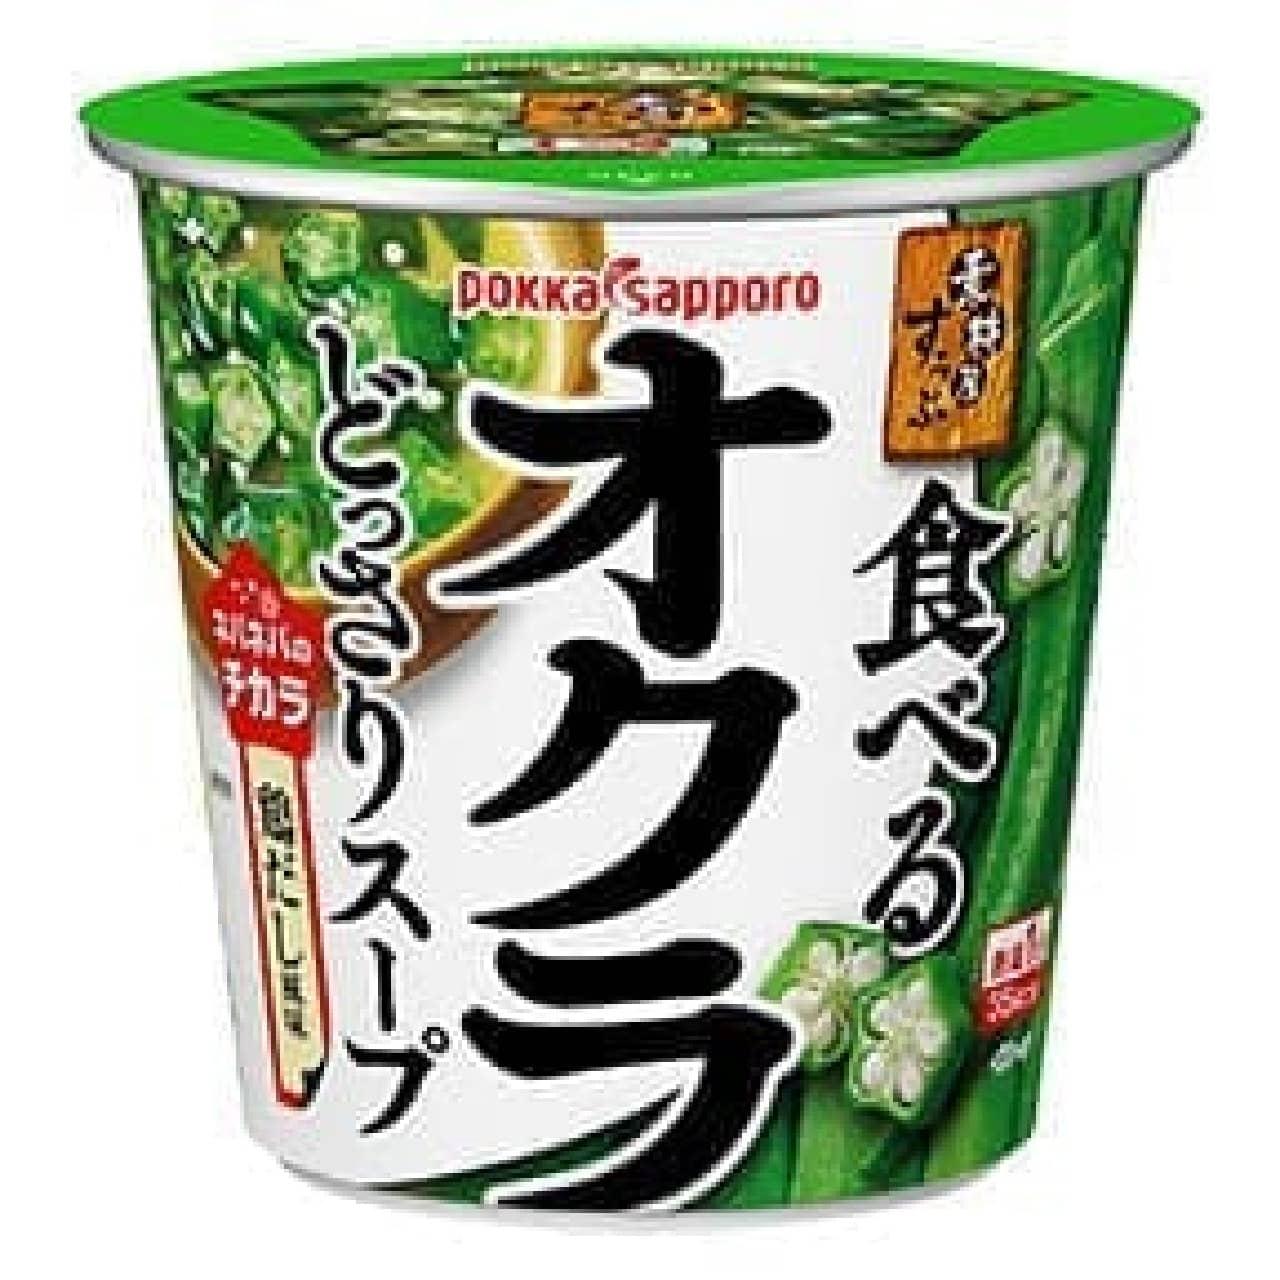 オクラが主役の夏スープ登場!